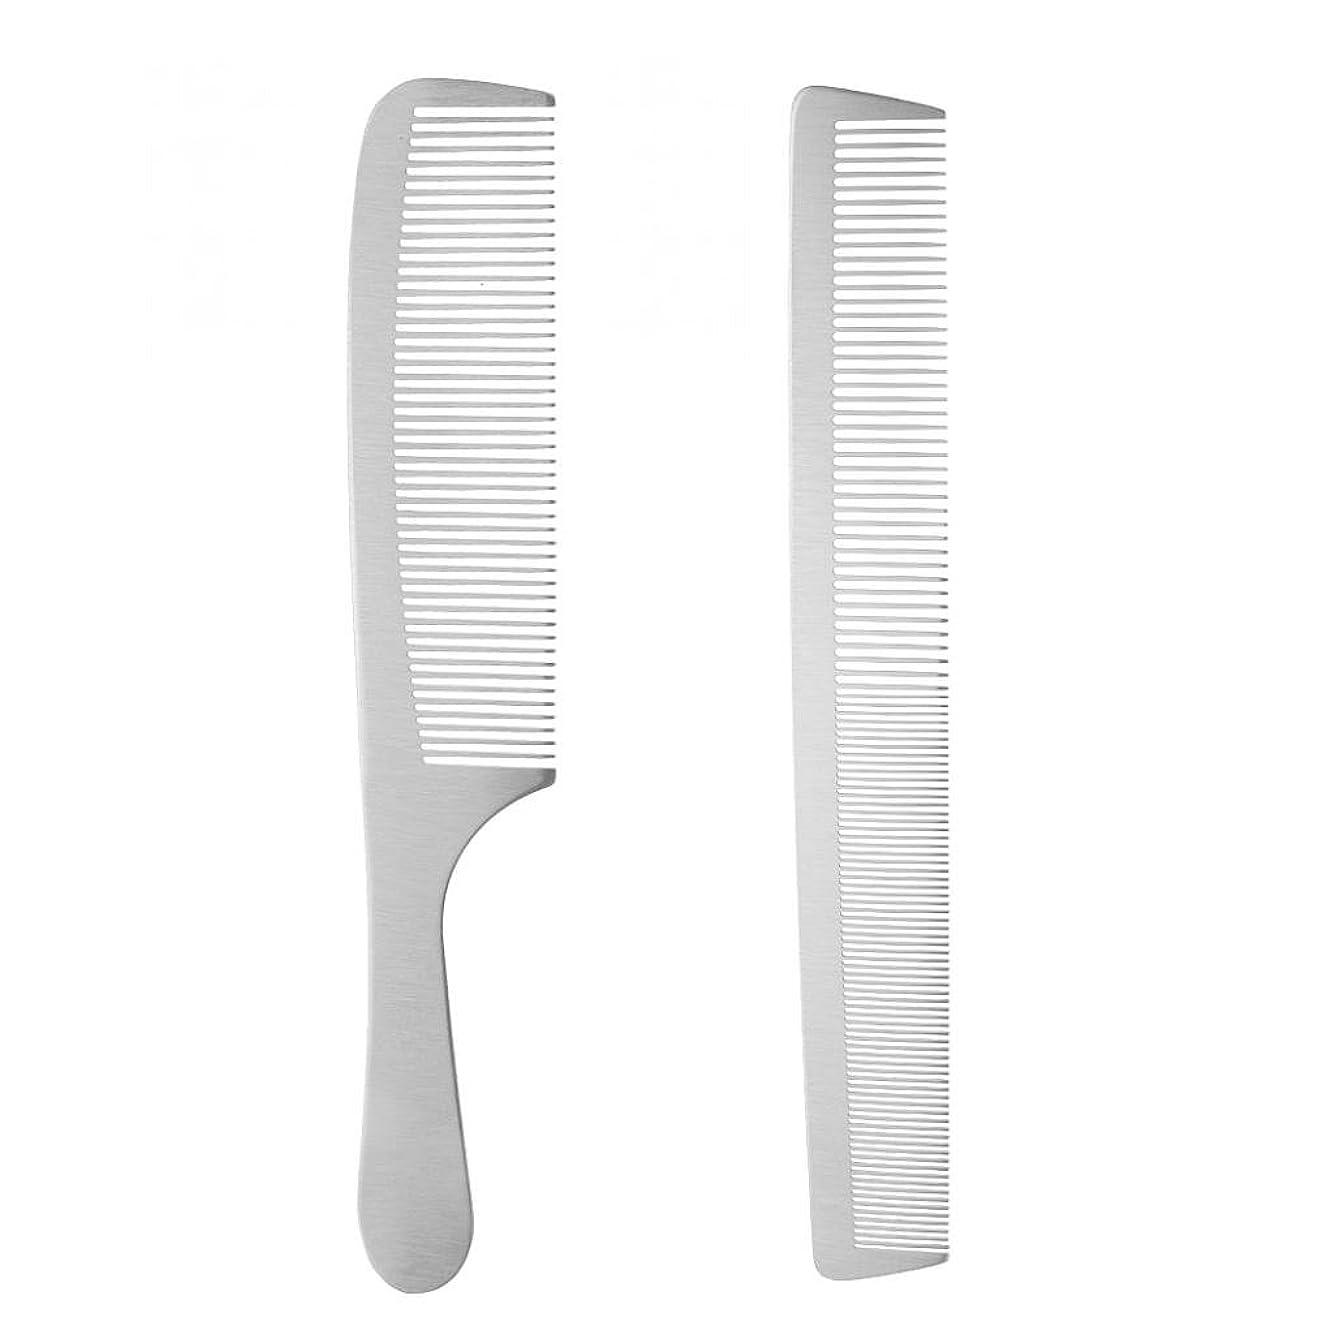 ネーピア手のひらぺディカブCUTICATE 2倍美容院ヘアカットツールヘアスタイリングブラシヘアスタイリングくし理容ツール